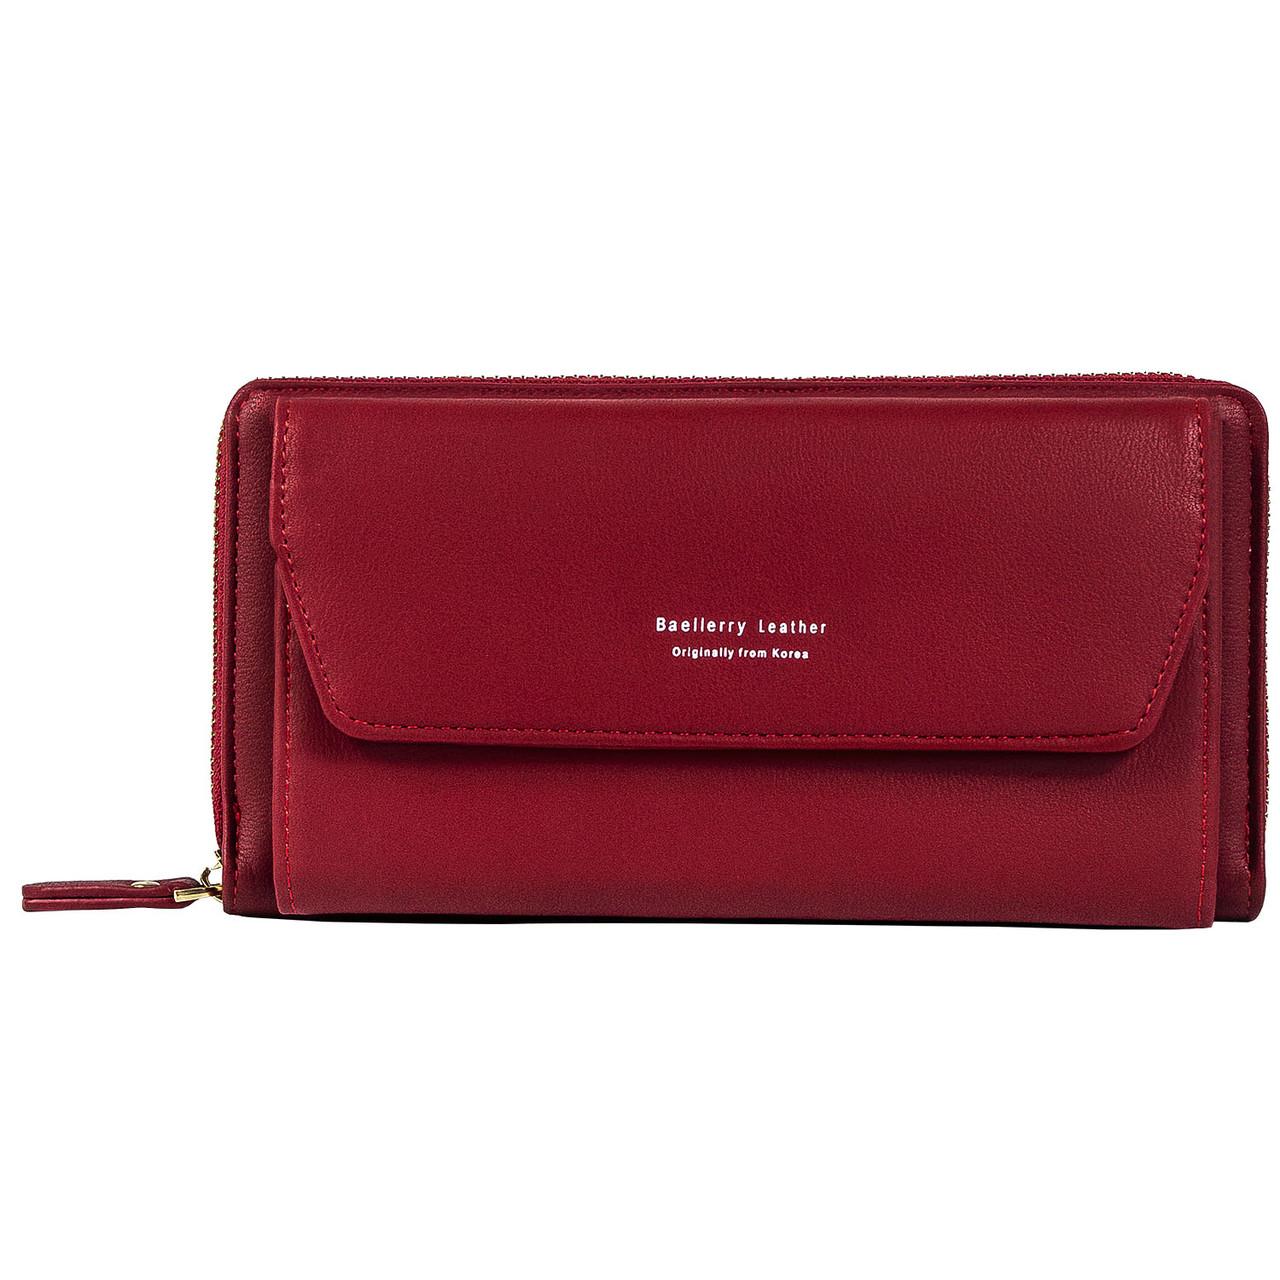 Клатч Женский Сумка Baellerry Leather с Ремешком Красный